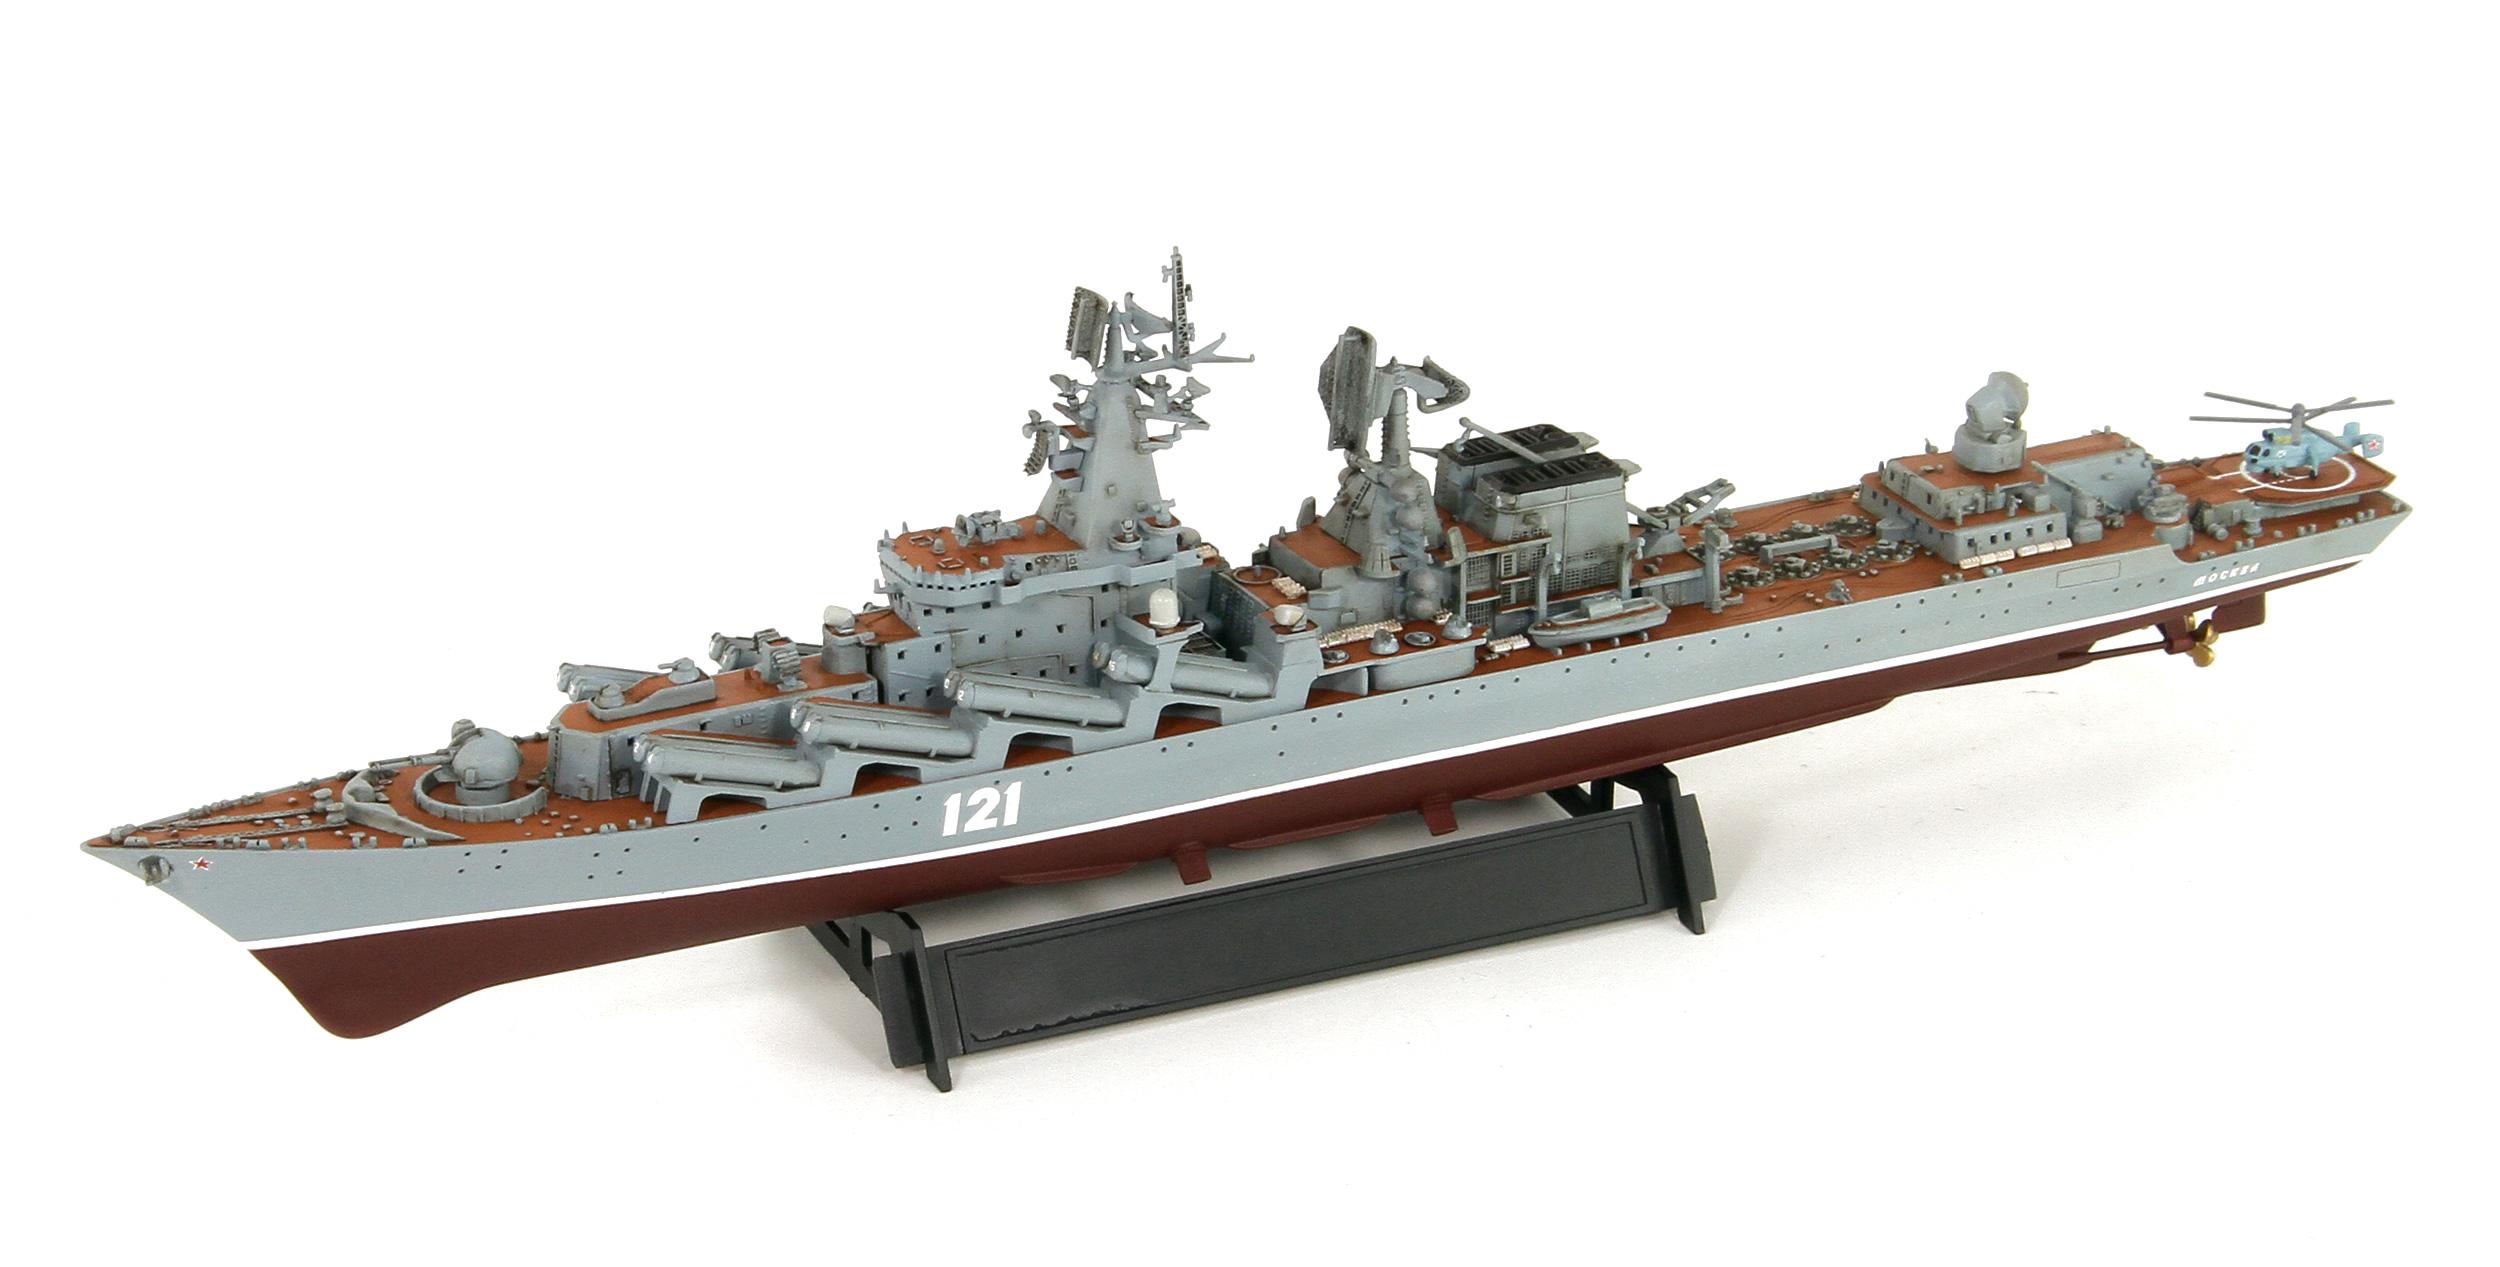 M48 1/700 ロシア海軍 ミサイル巡洋艦 モスクワ